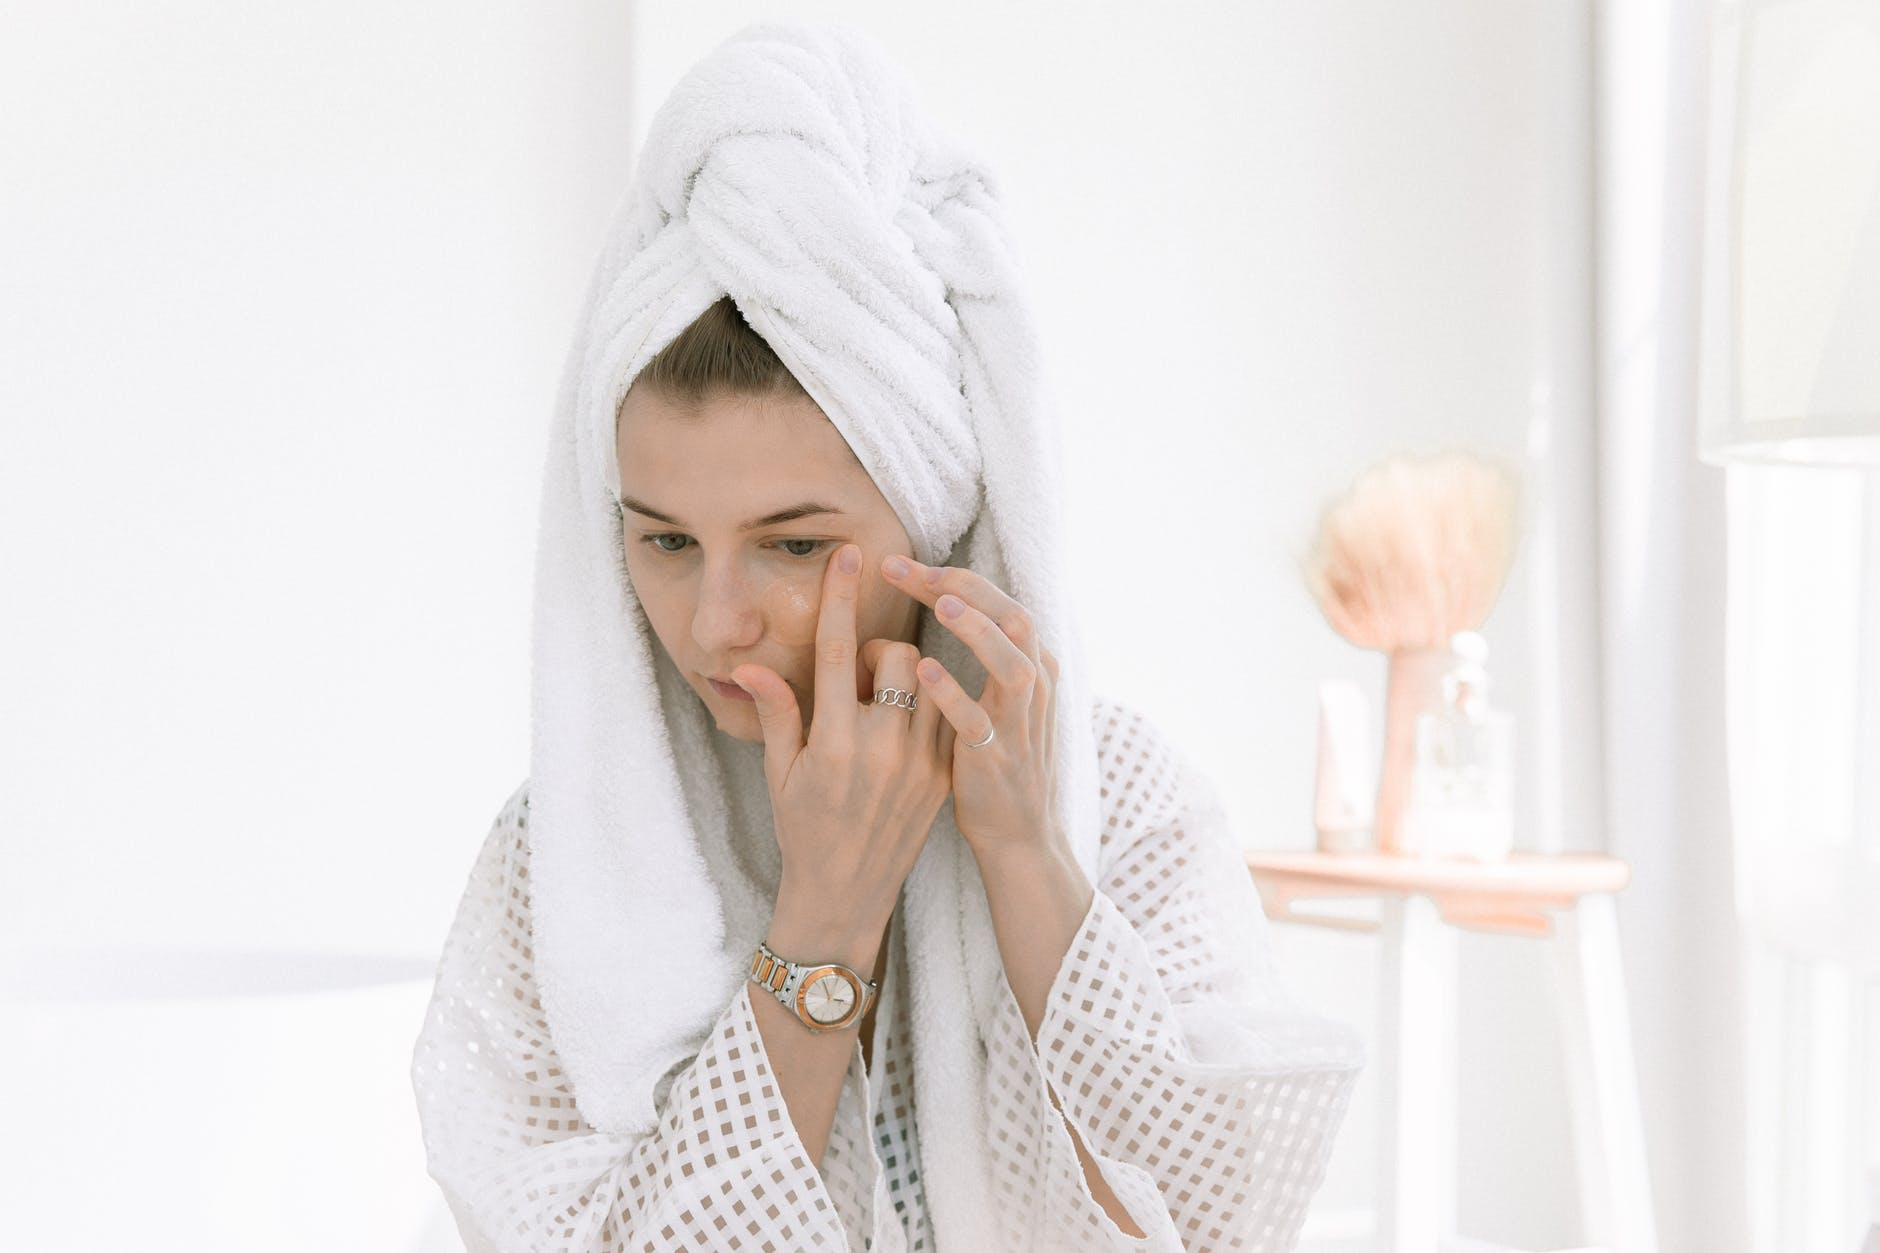 Топ-5 ошибок в уходе за кожей, которые мы чаще всего совершаем